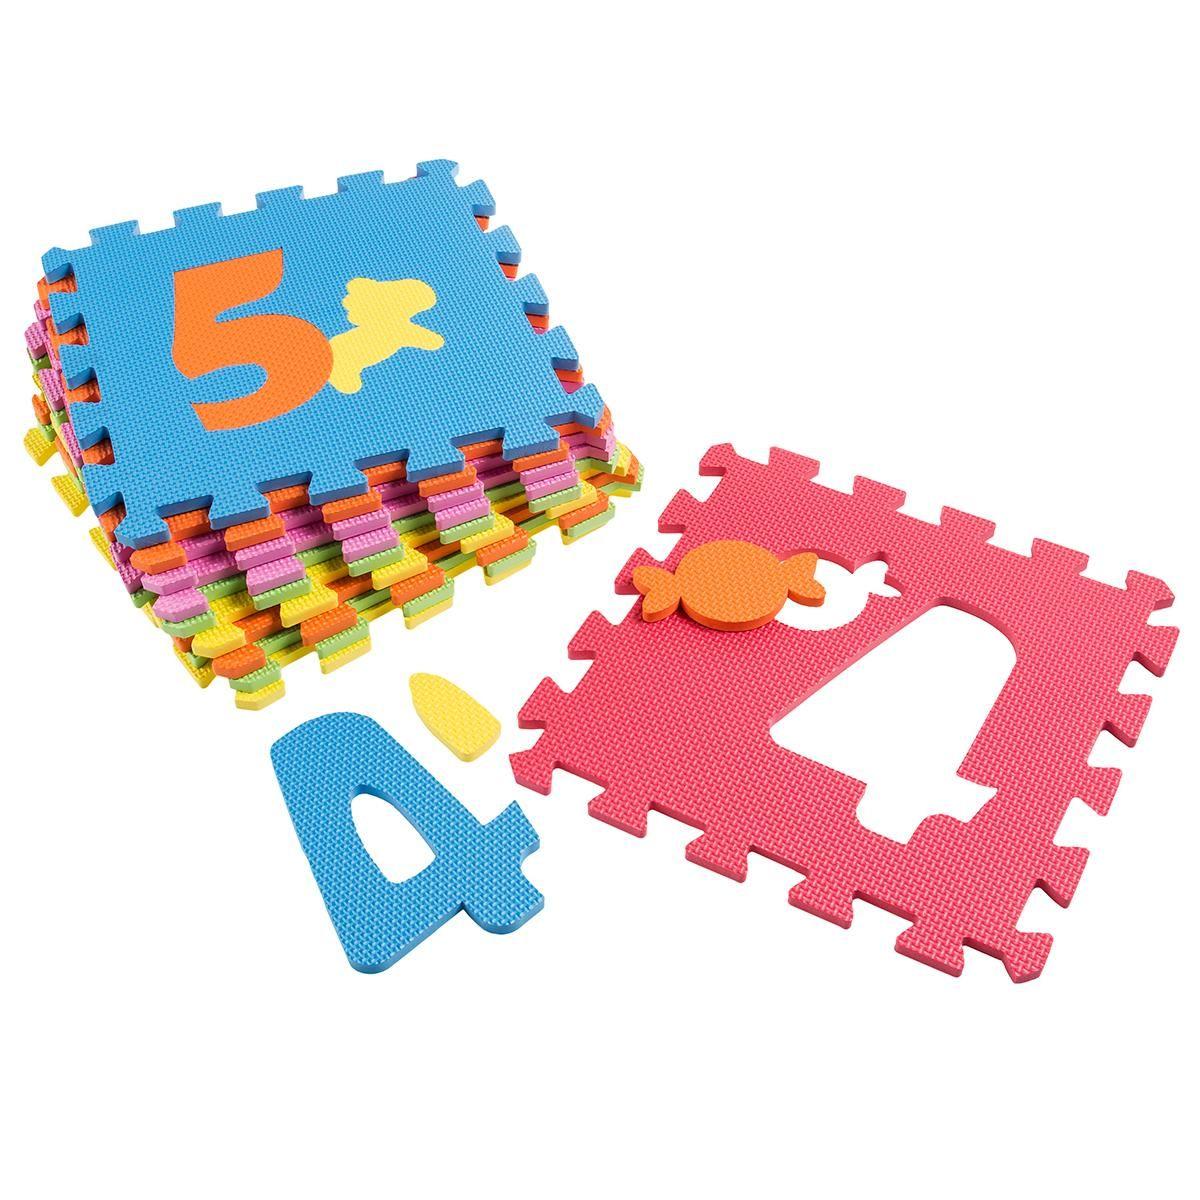 Bis zu 47% Rabatt auf Spielzeug -  Spiele Max   Gutscheincode oder Rabatt sichern!